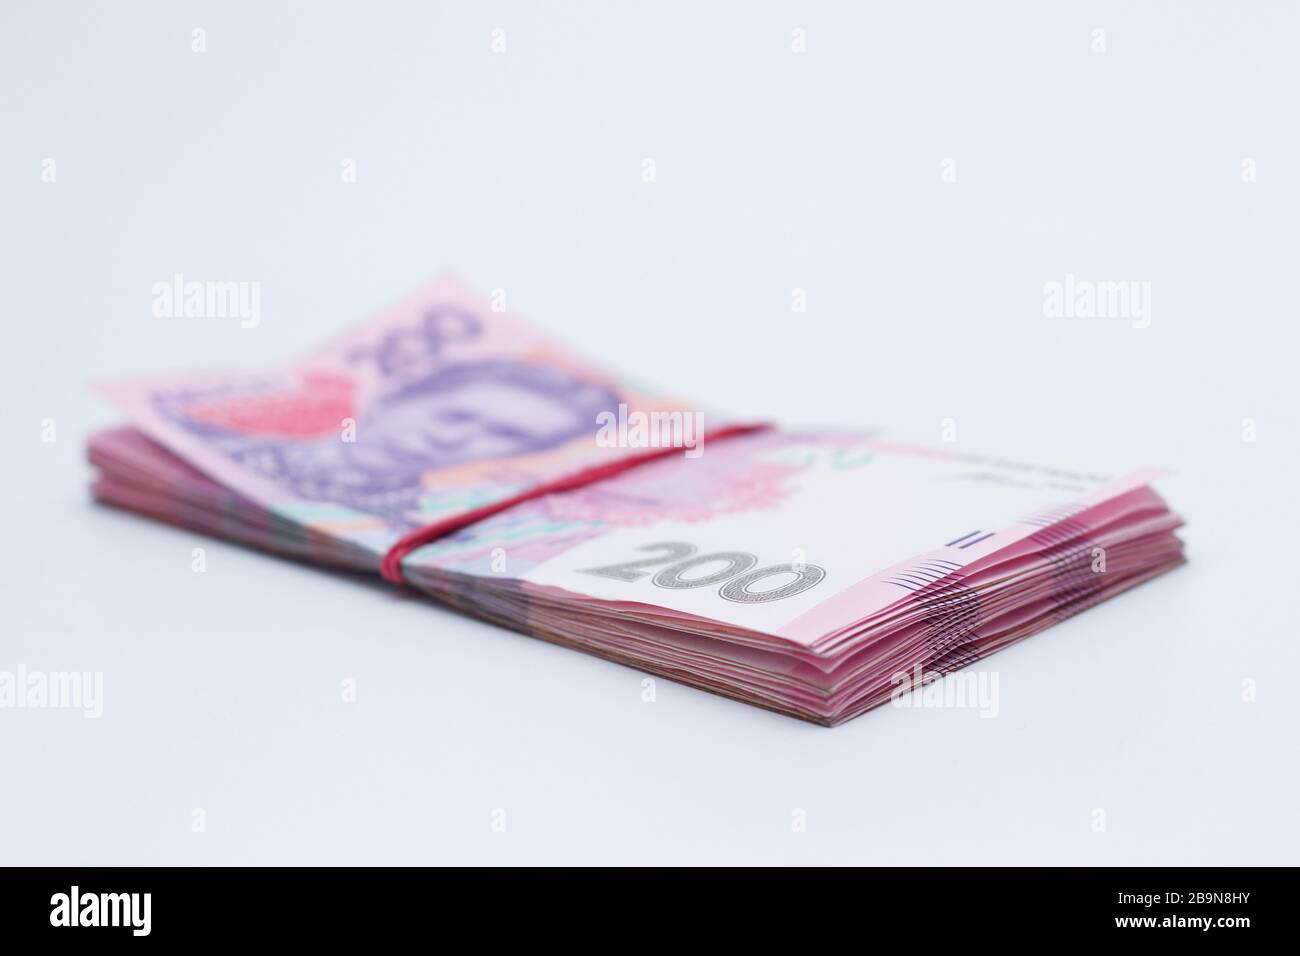 Muchos billetes nuevos en denominaciones de 200 hryvnias ucranianas vendados con una banda elástica aislada en un fondo blanco con sombra. Europa m Foto de stock